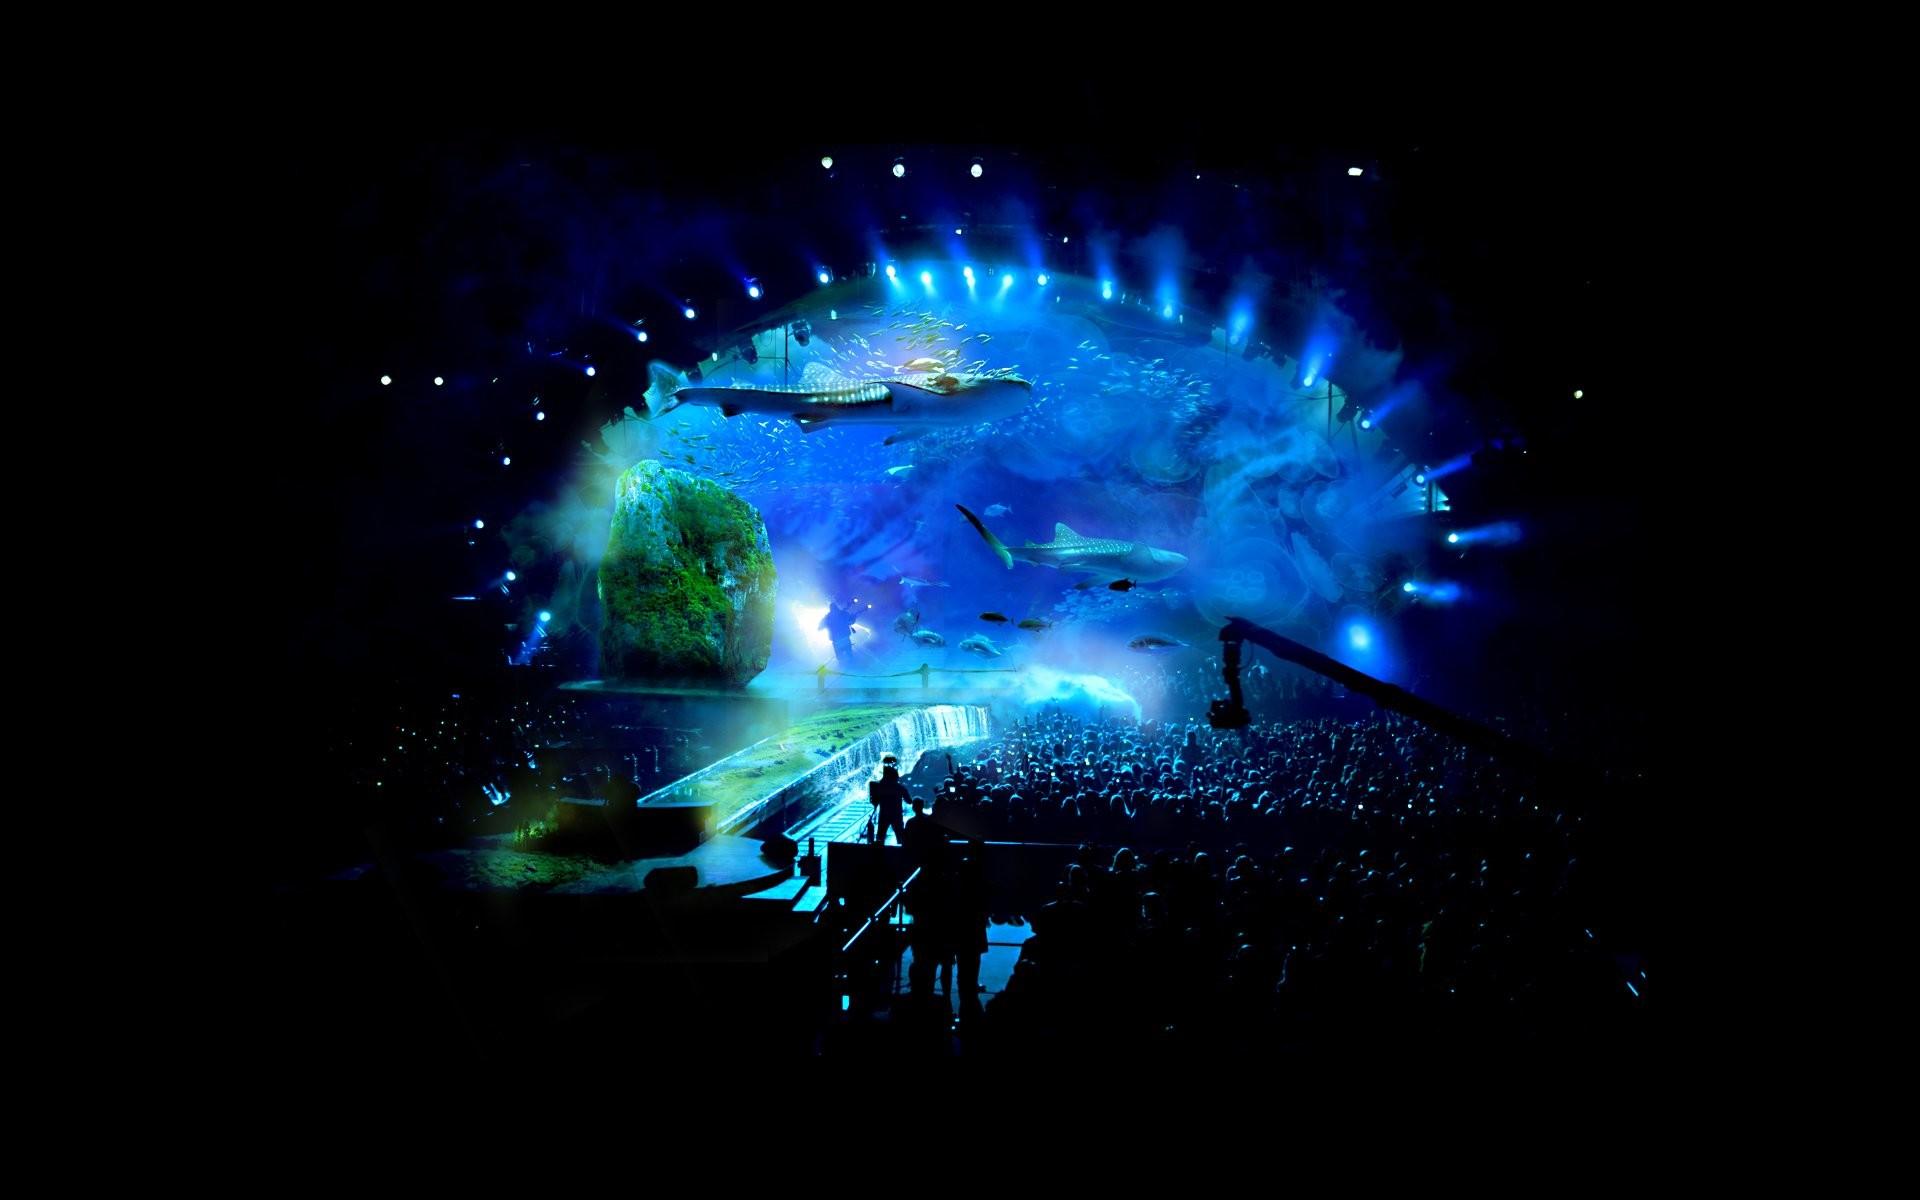 Concert 615259 · crowd 575172